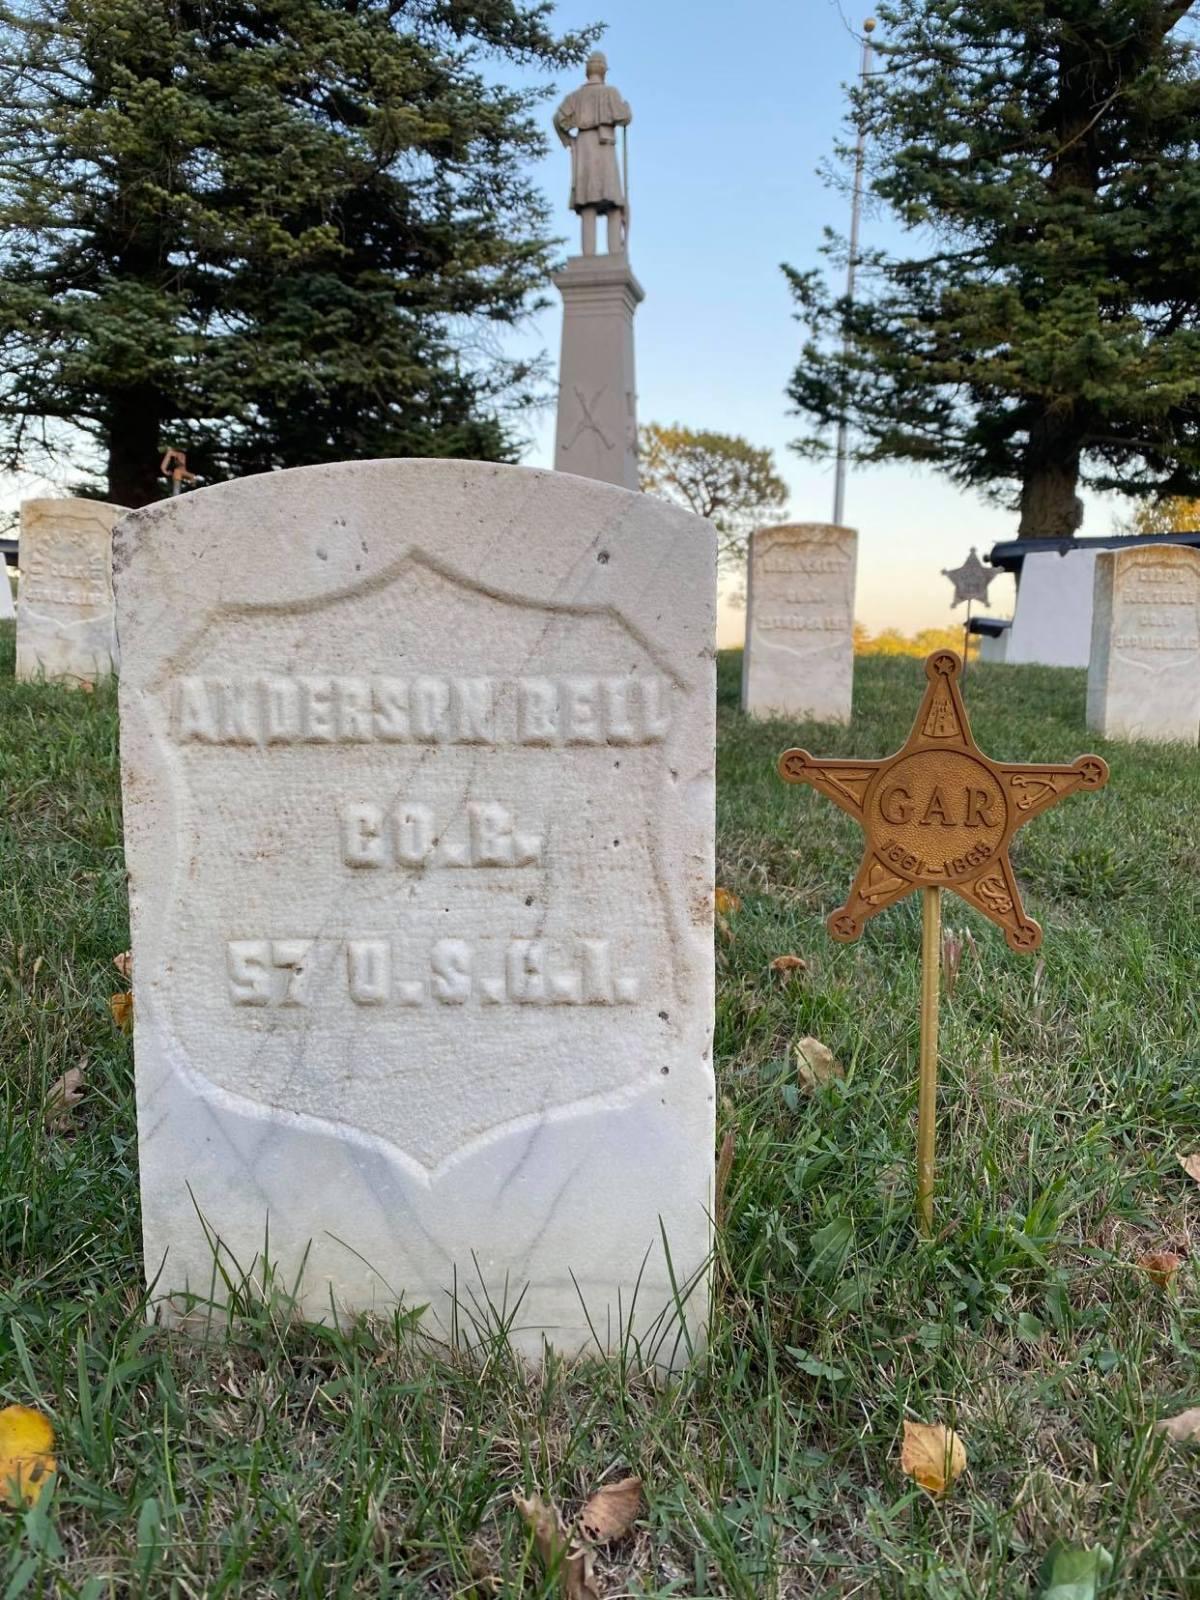 Pvt. Anderson Bell (1838-1903), North Omaha, Nebraska